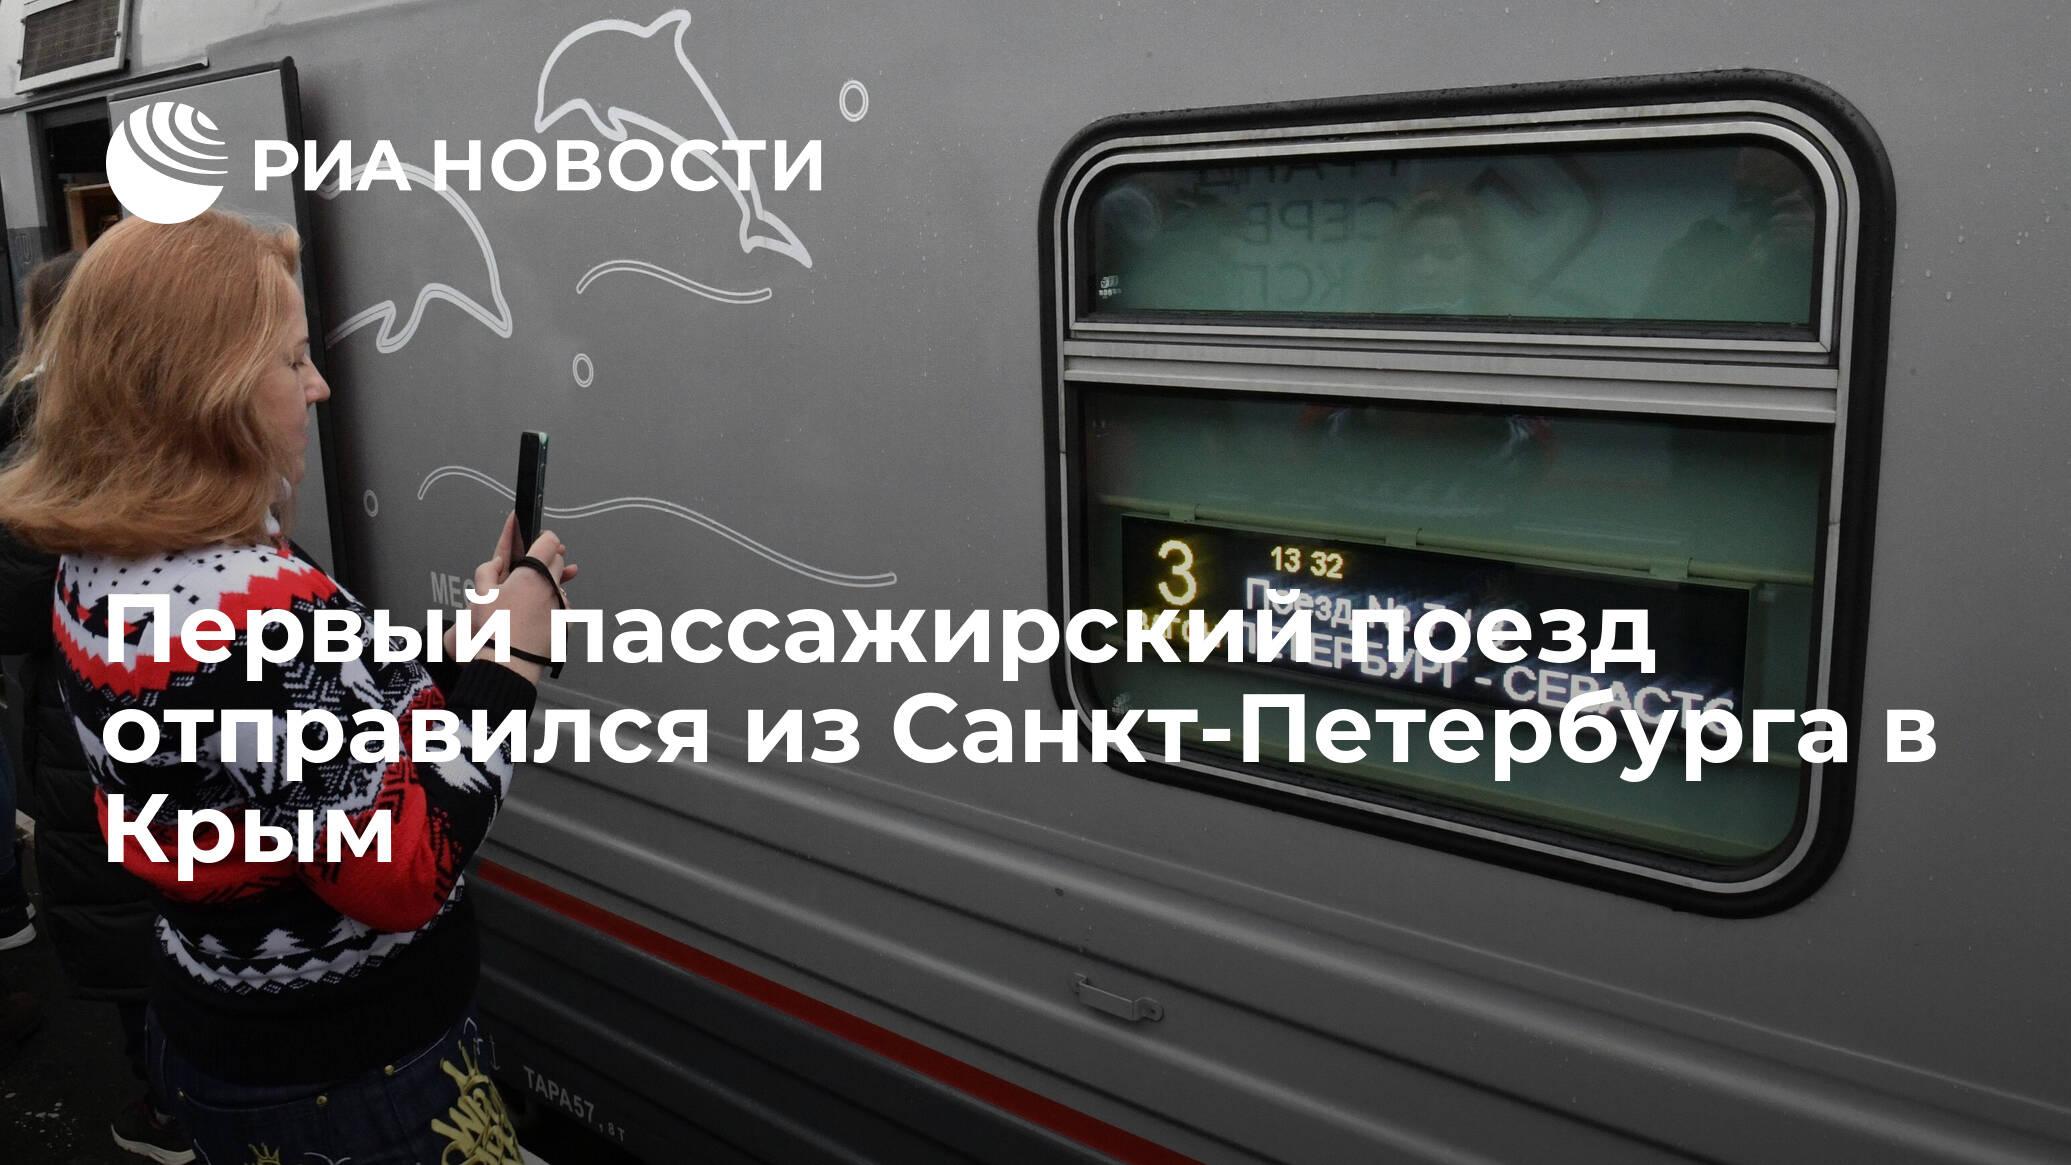 Первый пассажирский поезд отправился из Санкт-Петербурга в Крым